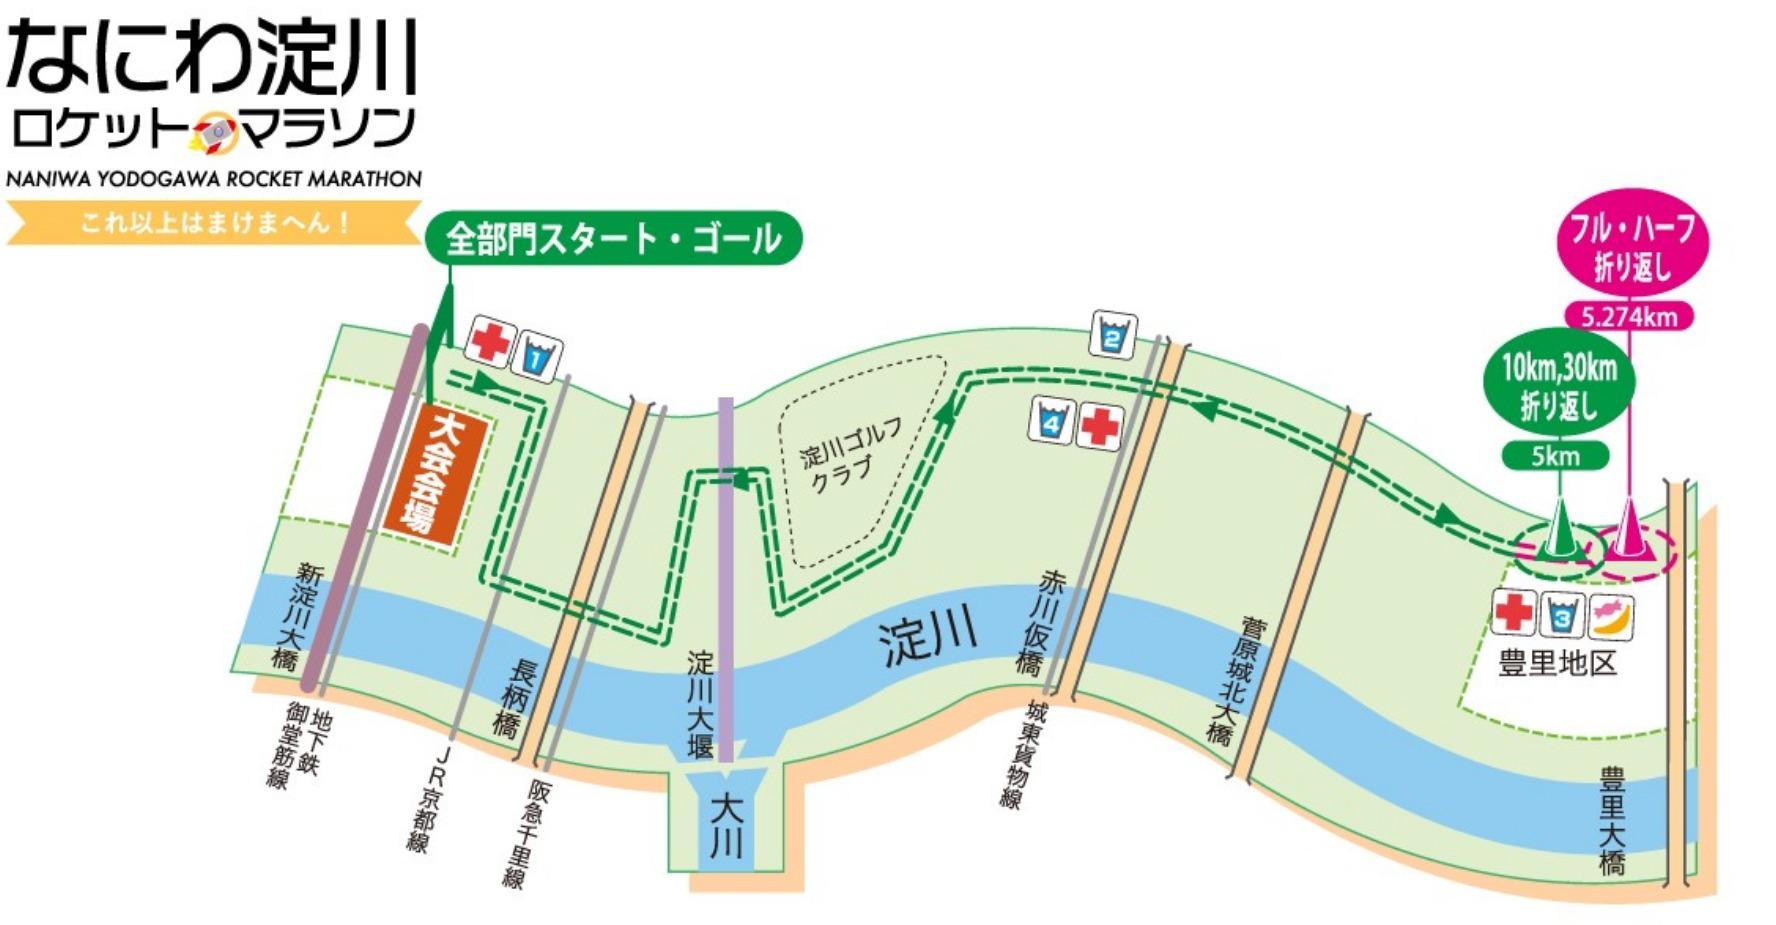 なにわ淀川ハーフマラソンコースマップ